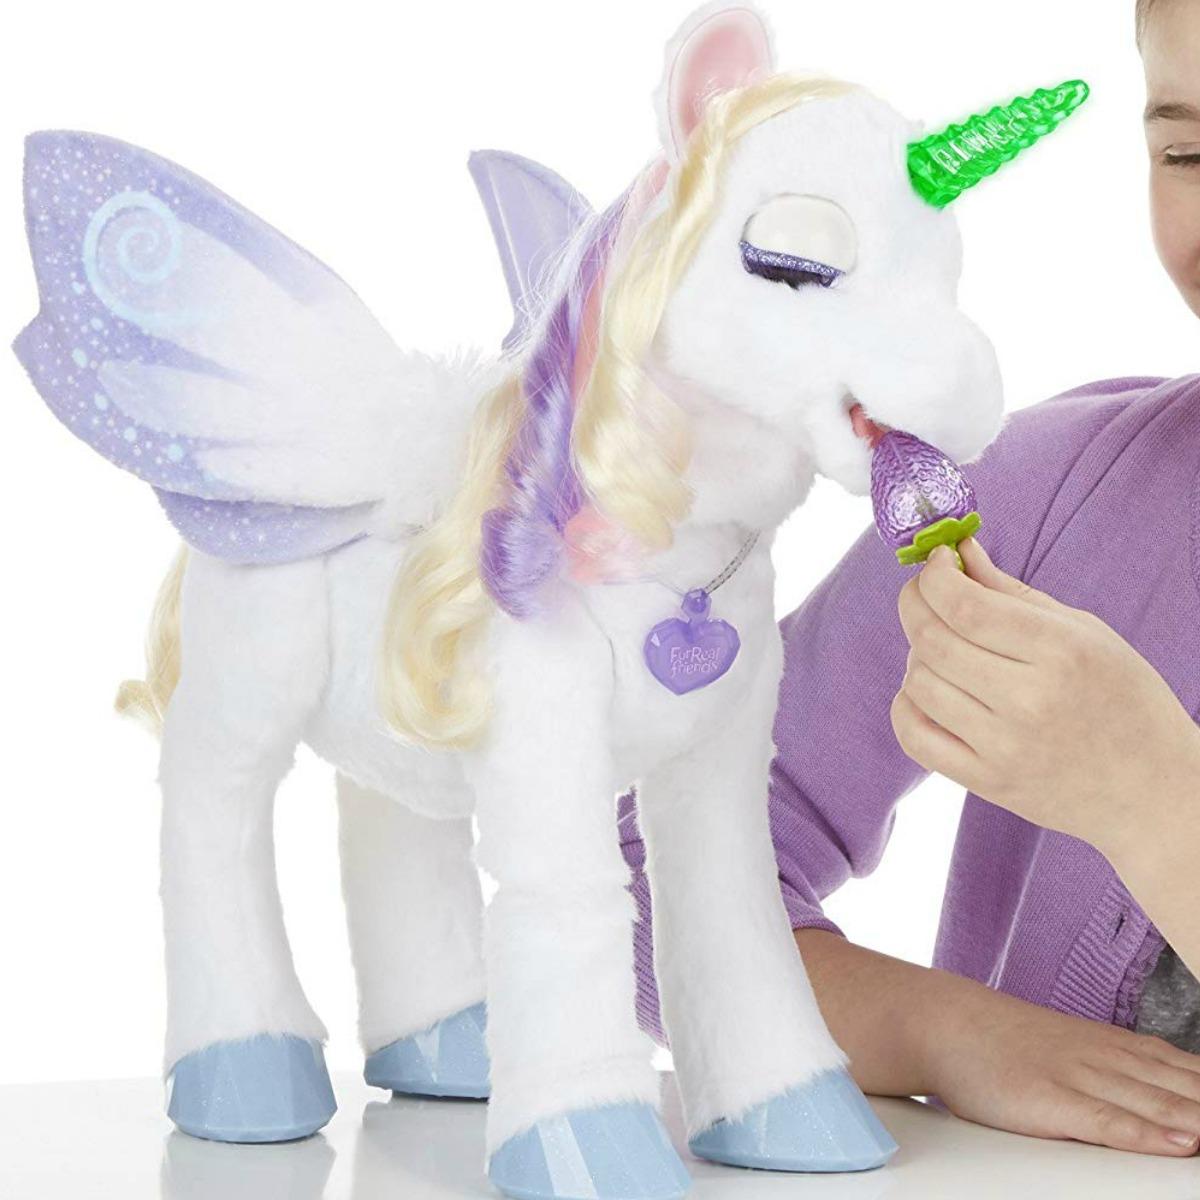 Girl feeding a plush unicorn a strawberry